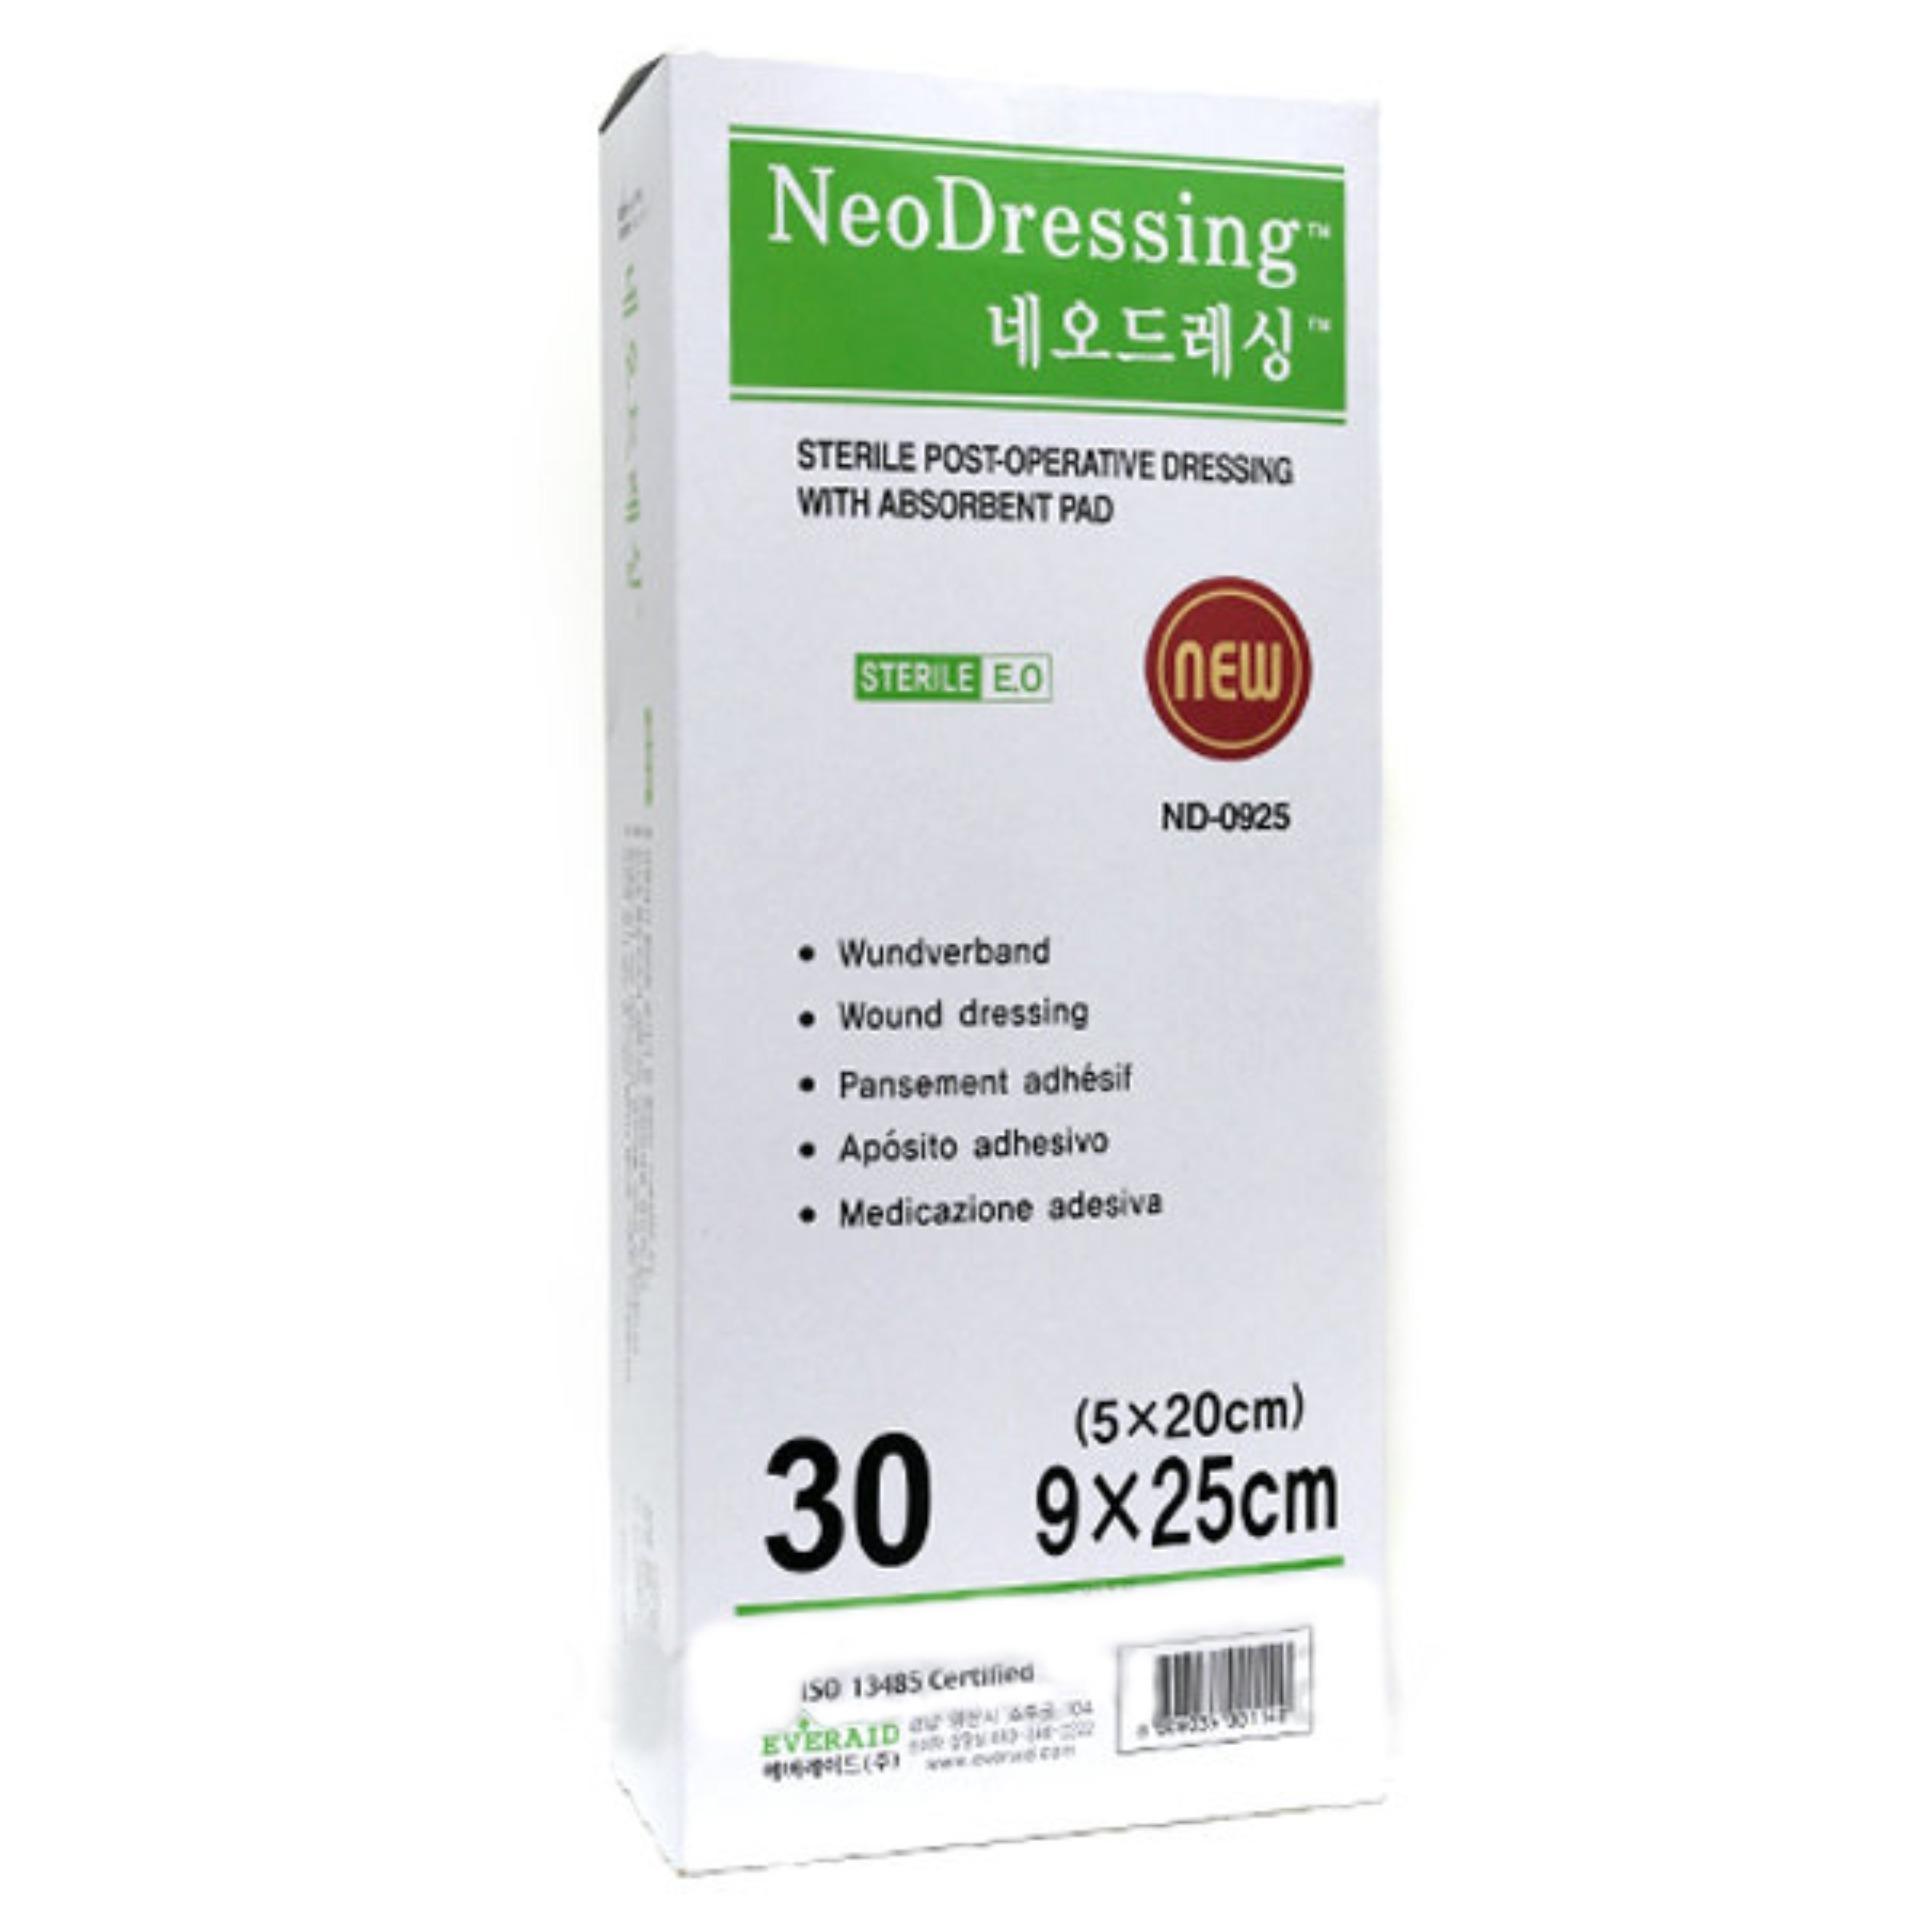 1 miếng Băng keo có gạc vô trùng Neodressing size 9cm x 25cm nhập khẩu